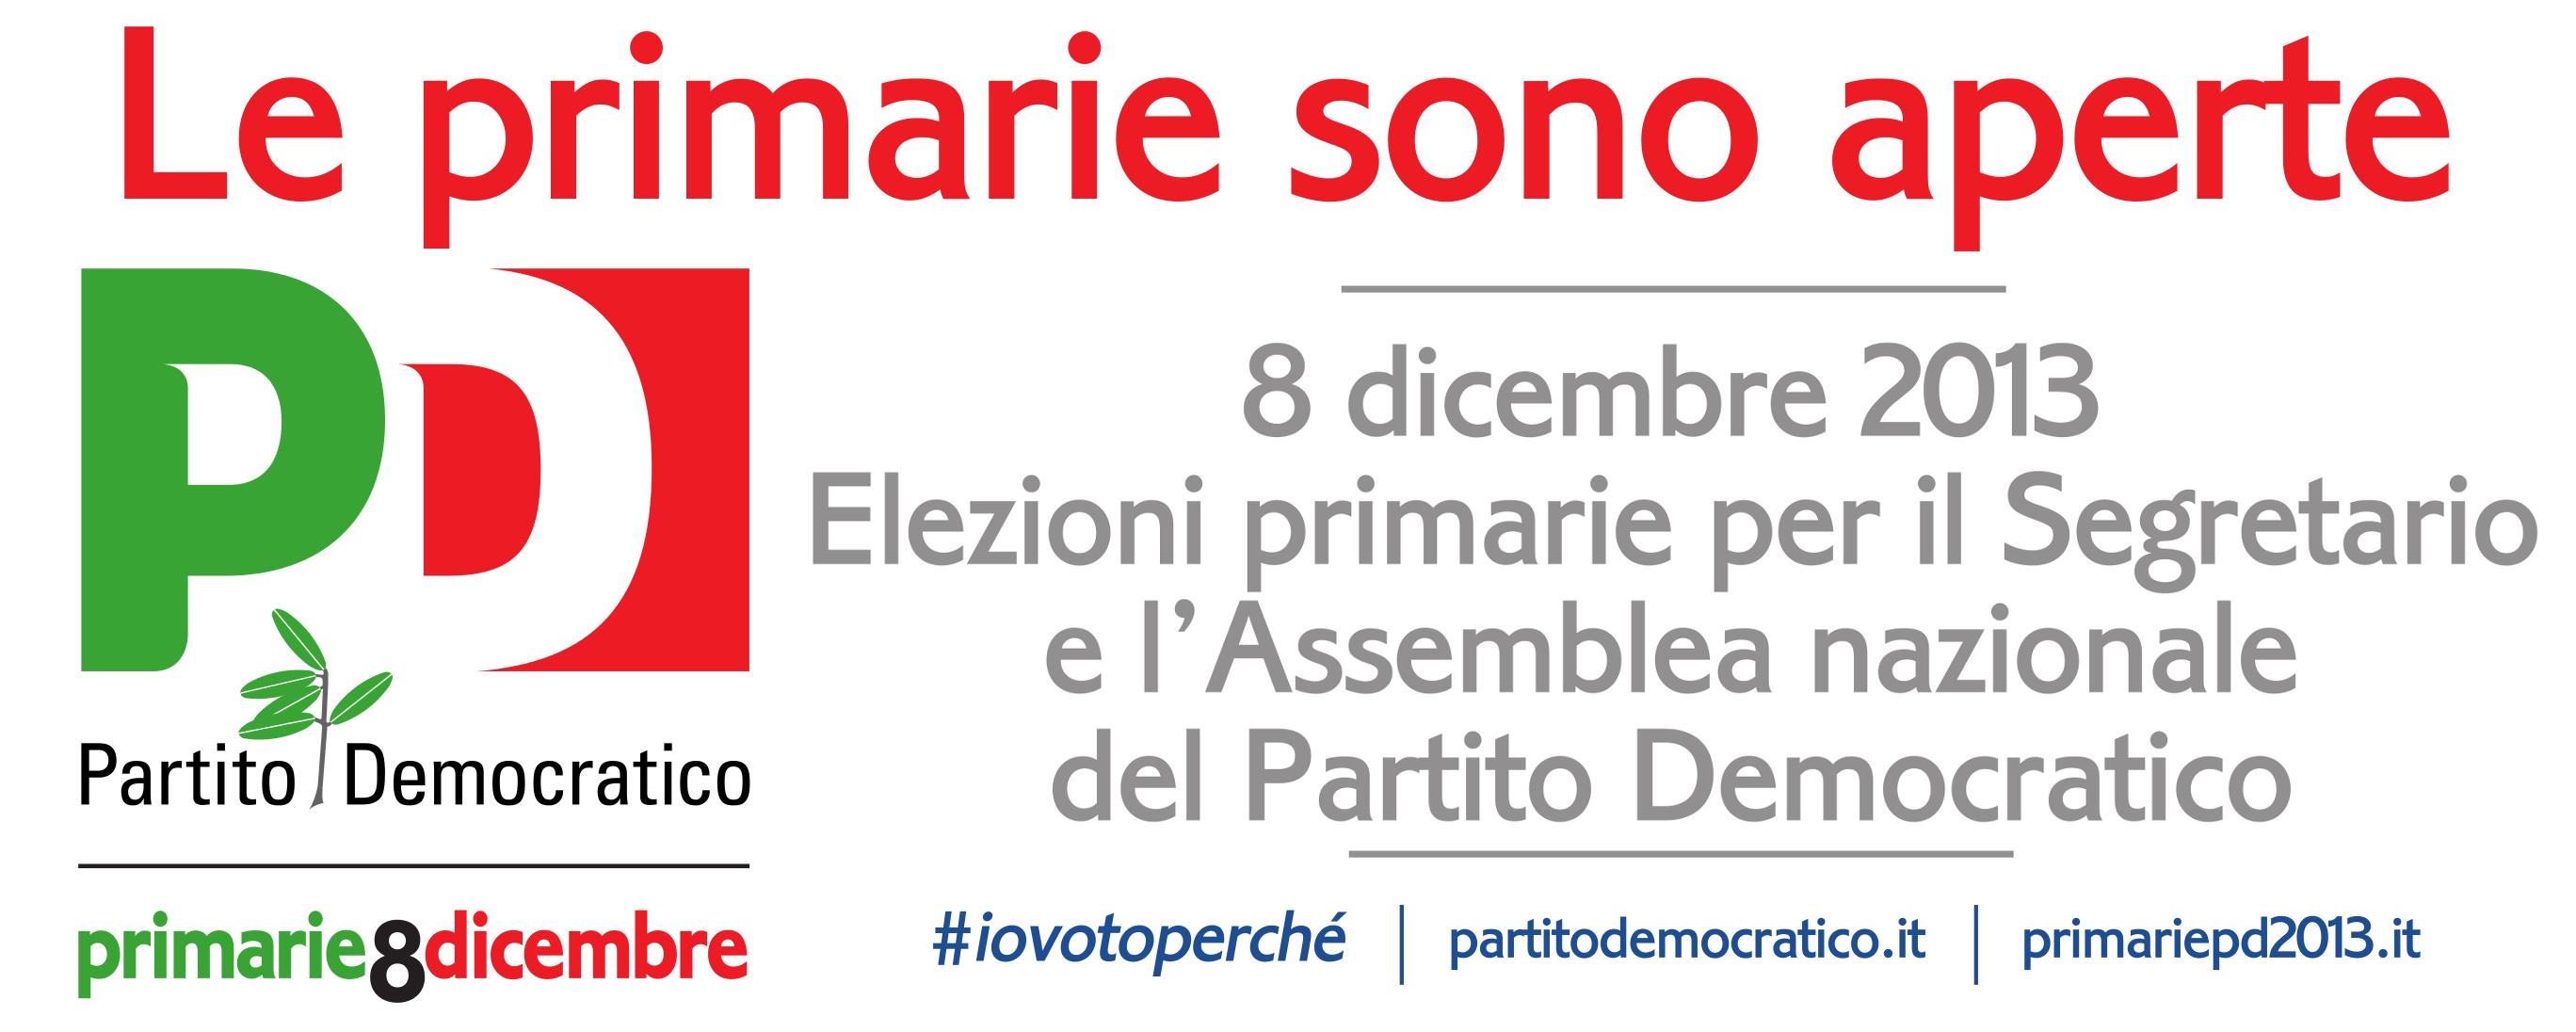 manifesto_primarie2013